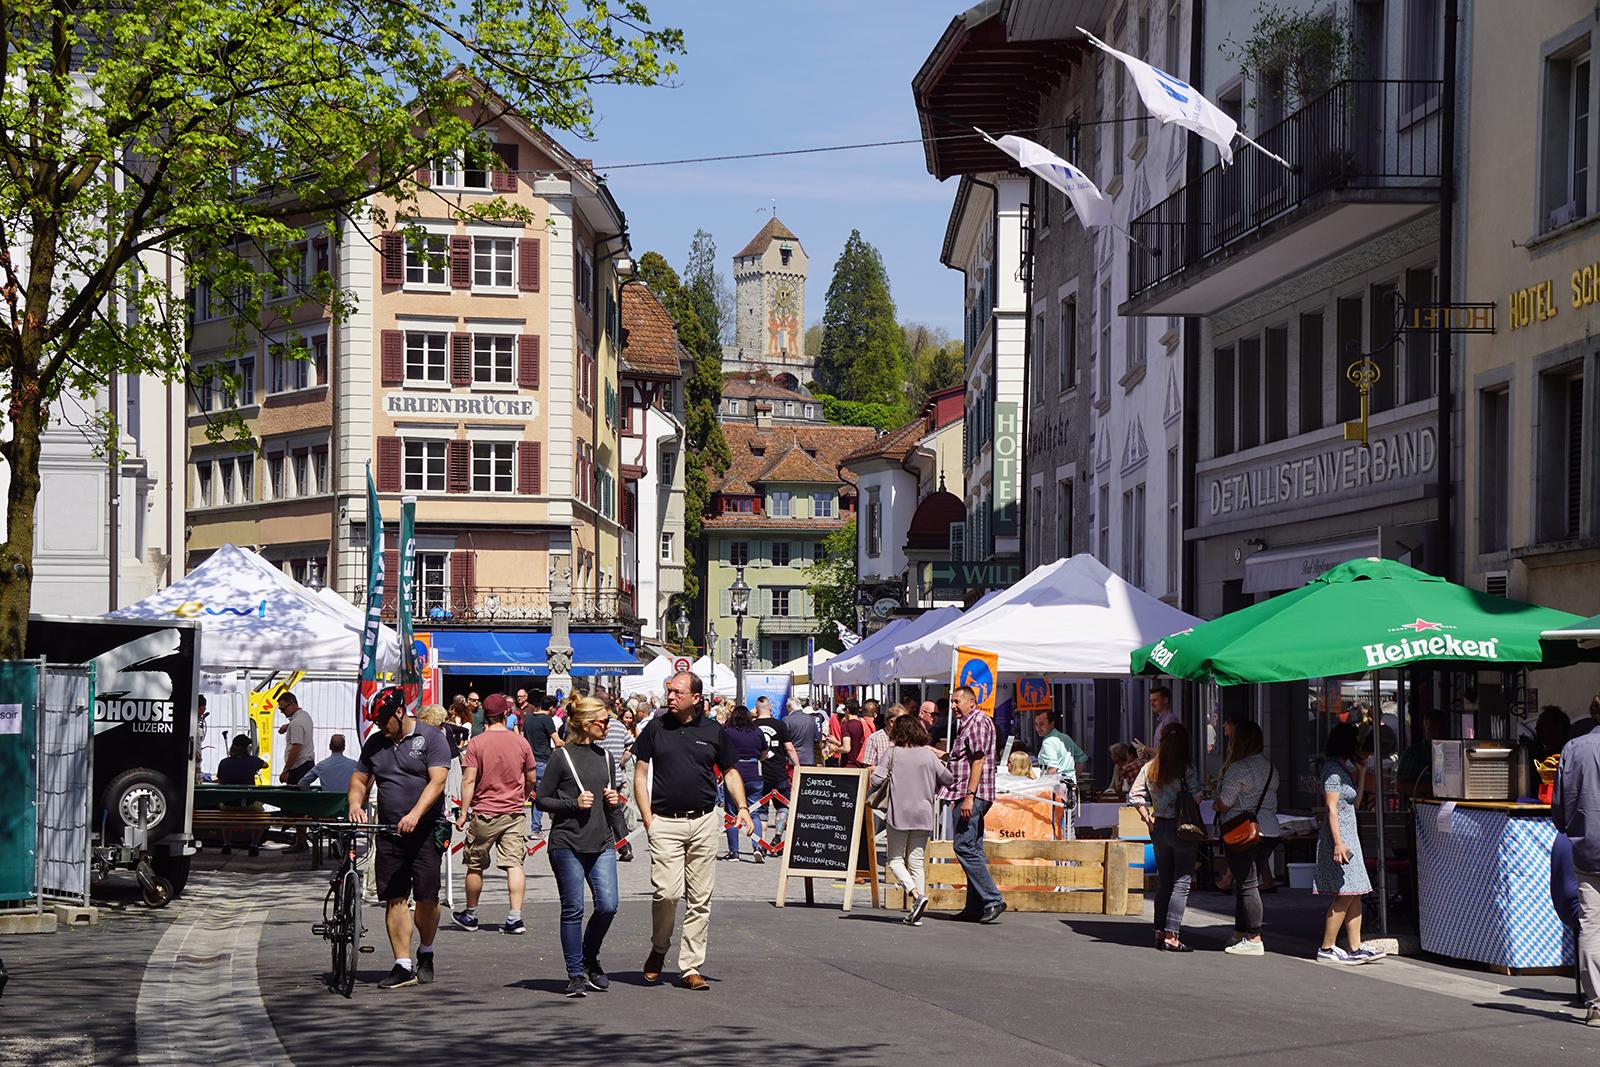 Das Kleinstadtfest lockte viele Menschen an.